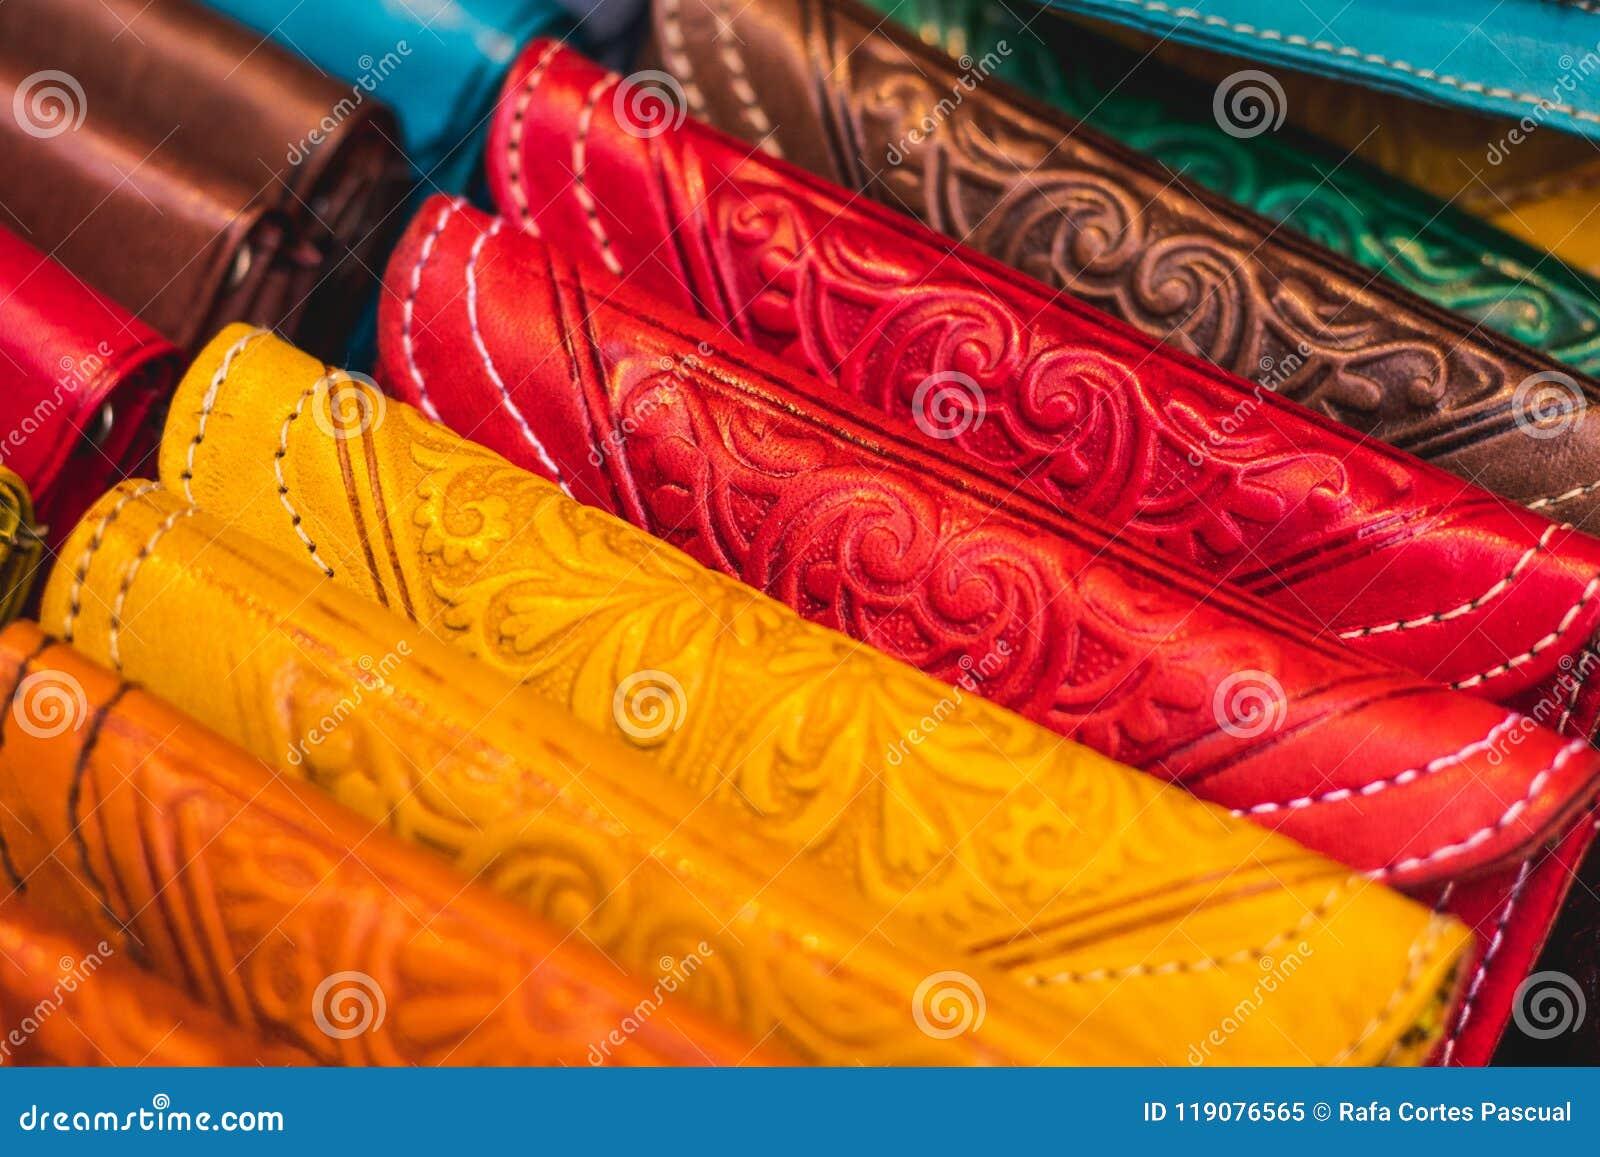 4585238dd7 Χειροποίητες τσάντες φιαγμένες από χρωματισμένο δέρμα Αραβικά πορτοφόλια  τσεπών